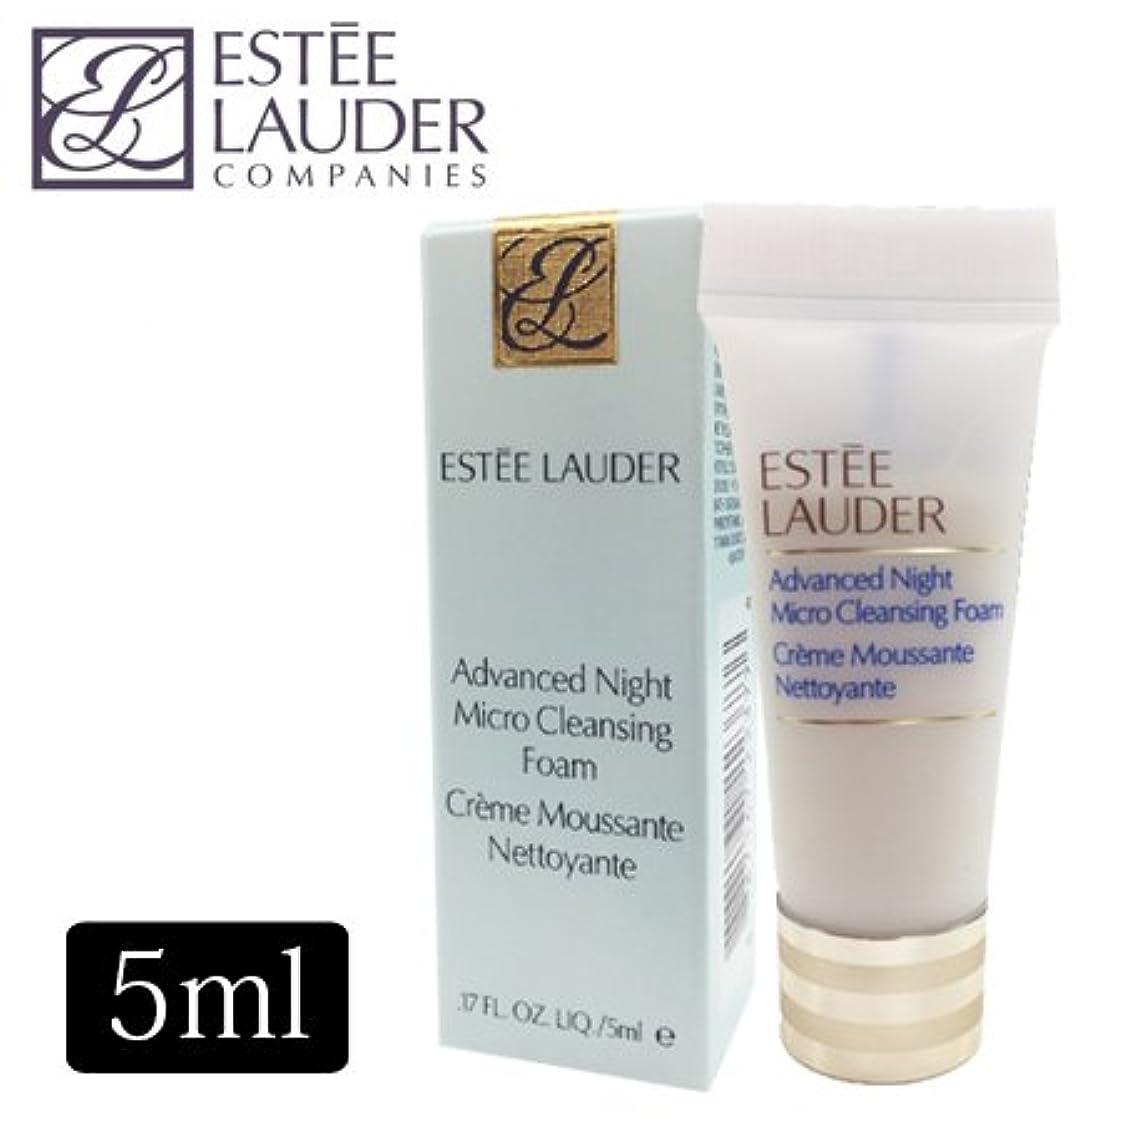 エスティローダー アドバンス ナイト マイクロ クレンジング フォーム 5ml -ESTEE LAUDER-【並行輸入品】